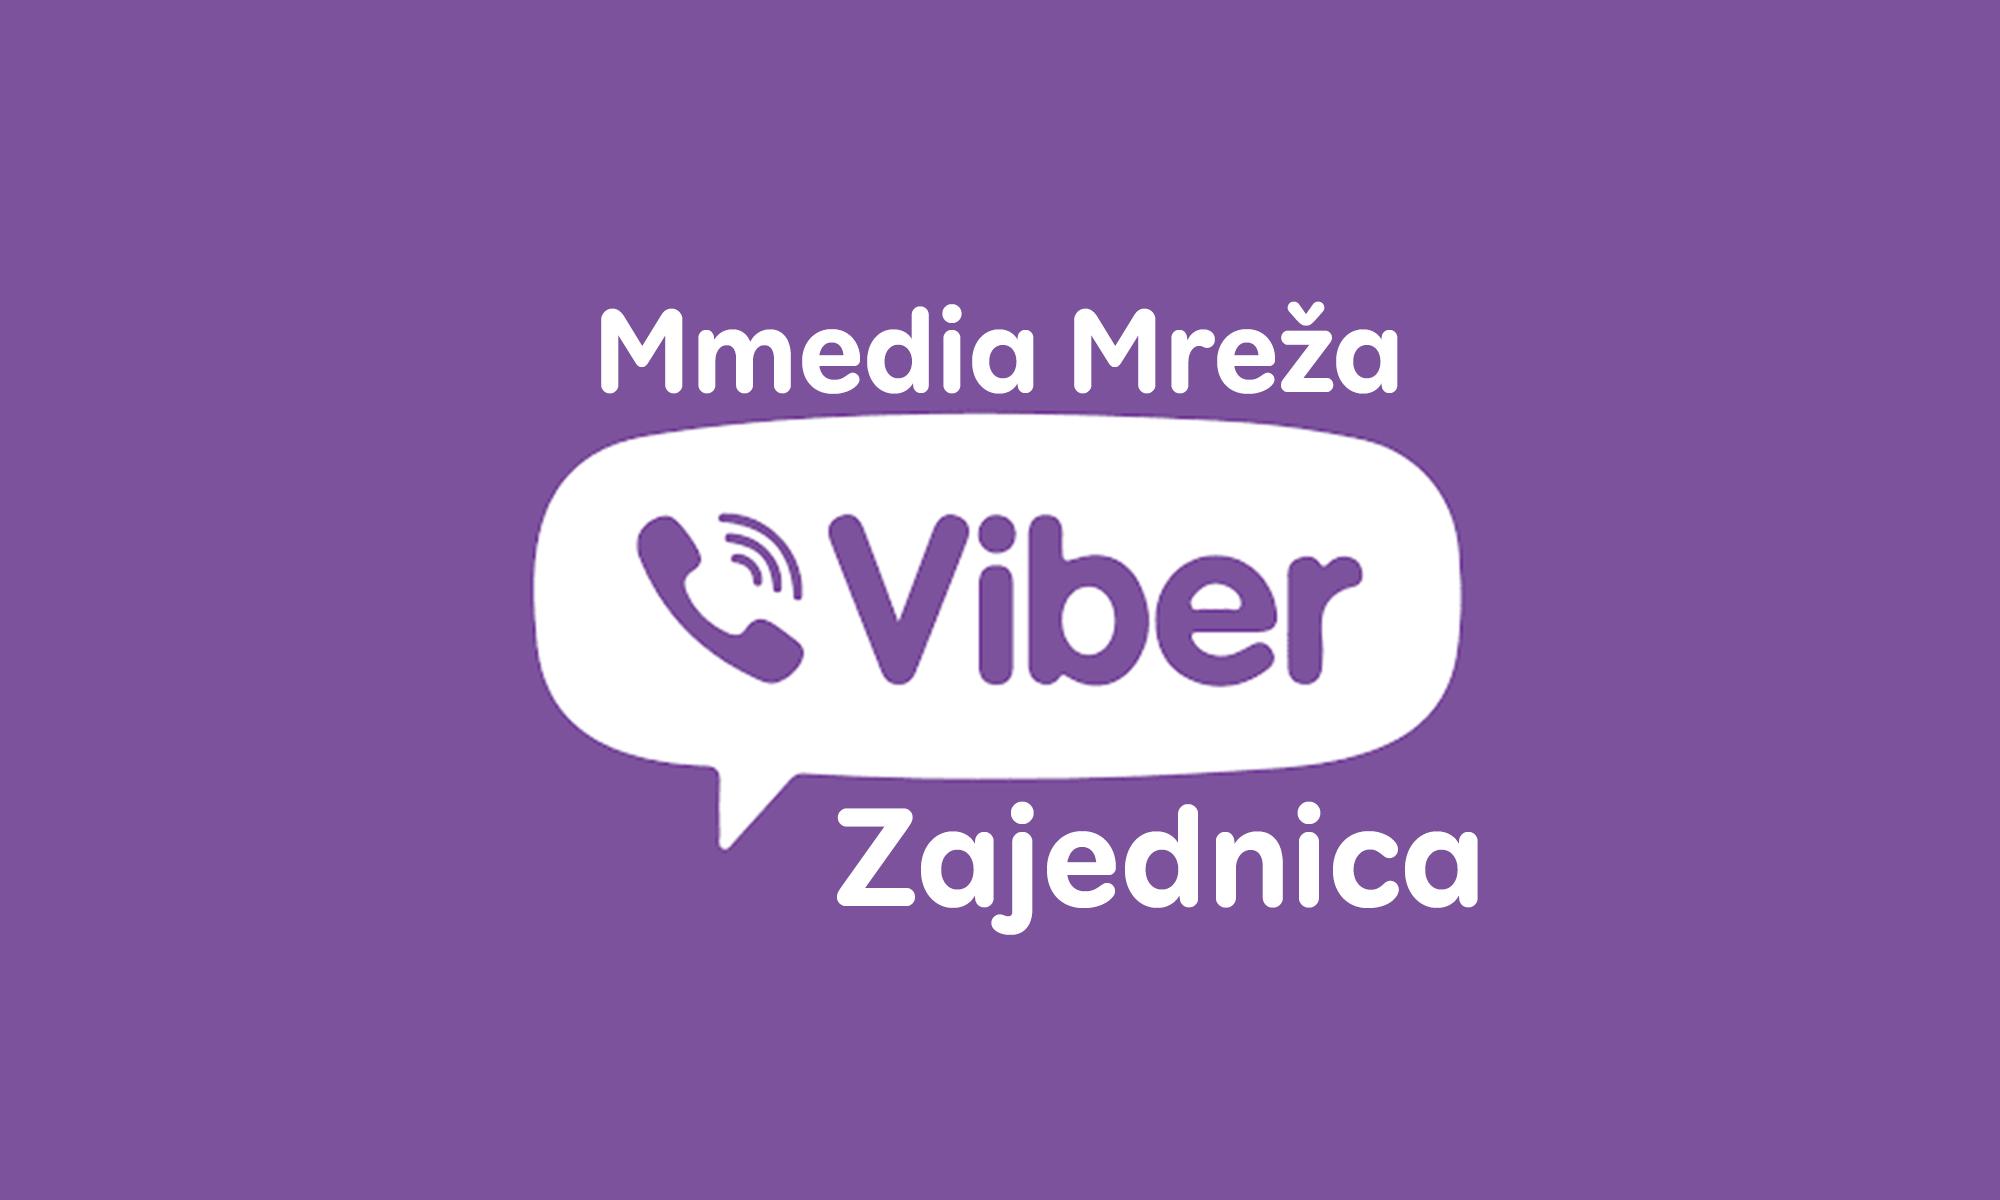 Otvorena je: Mmedia Mreža - Viber zajednica, pridružite se!